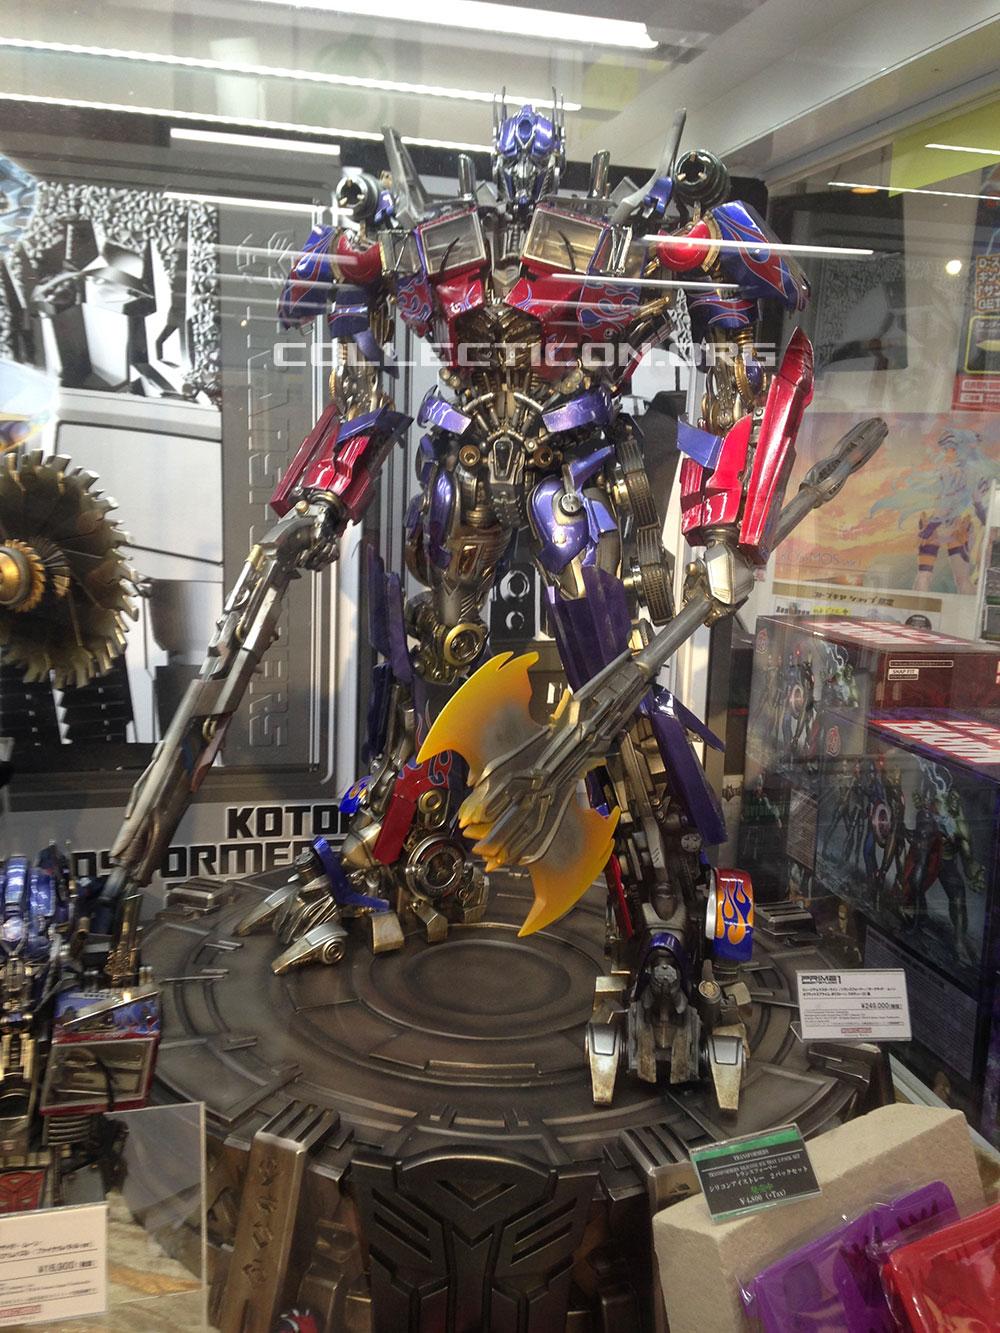 07-dark-of-the-moon-optimus-prime-statue